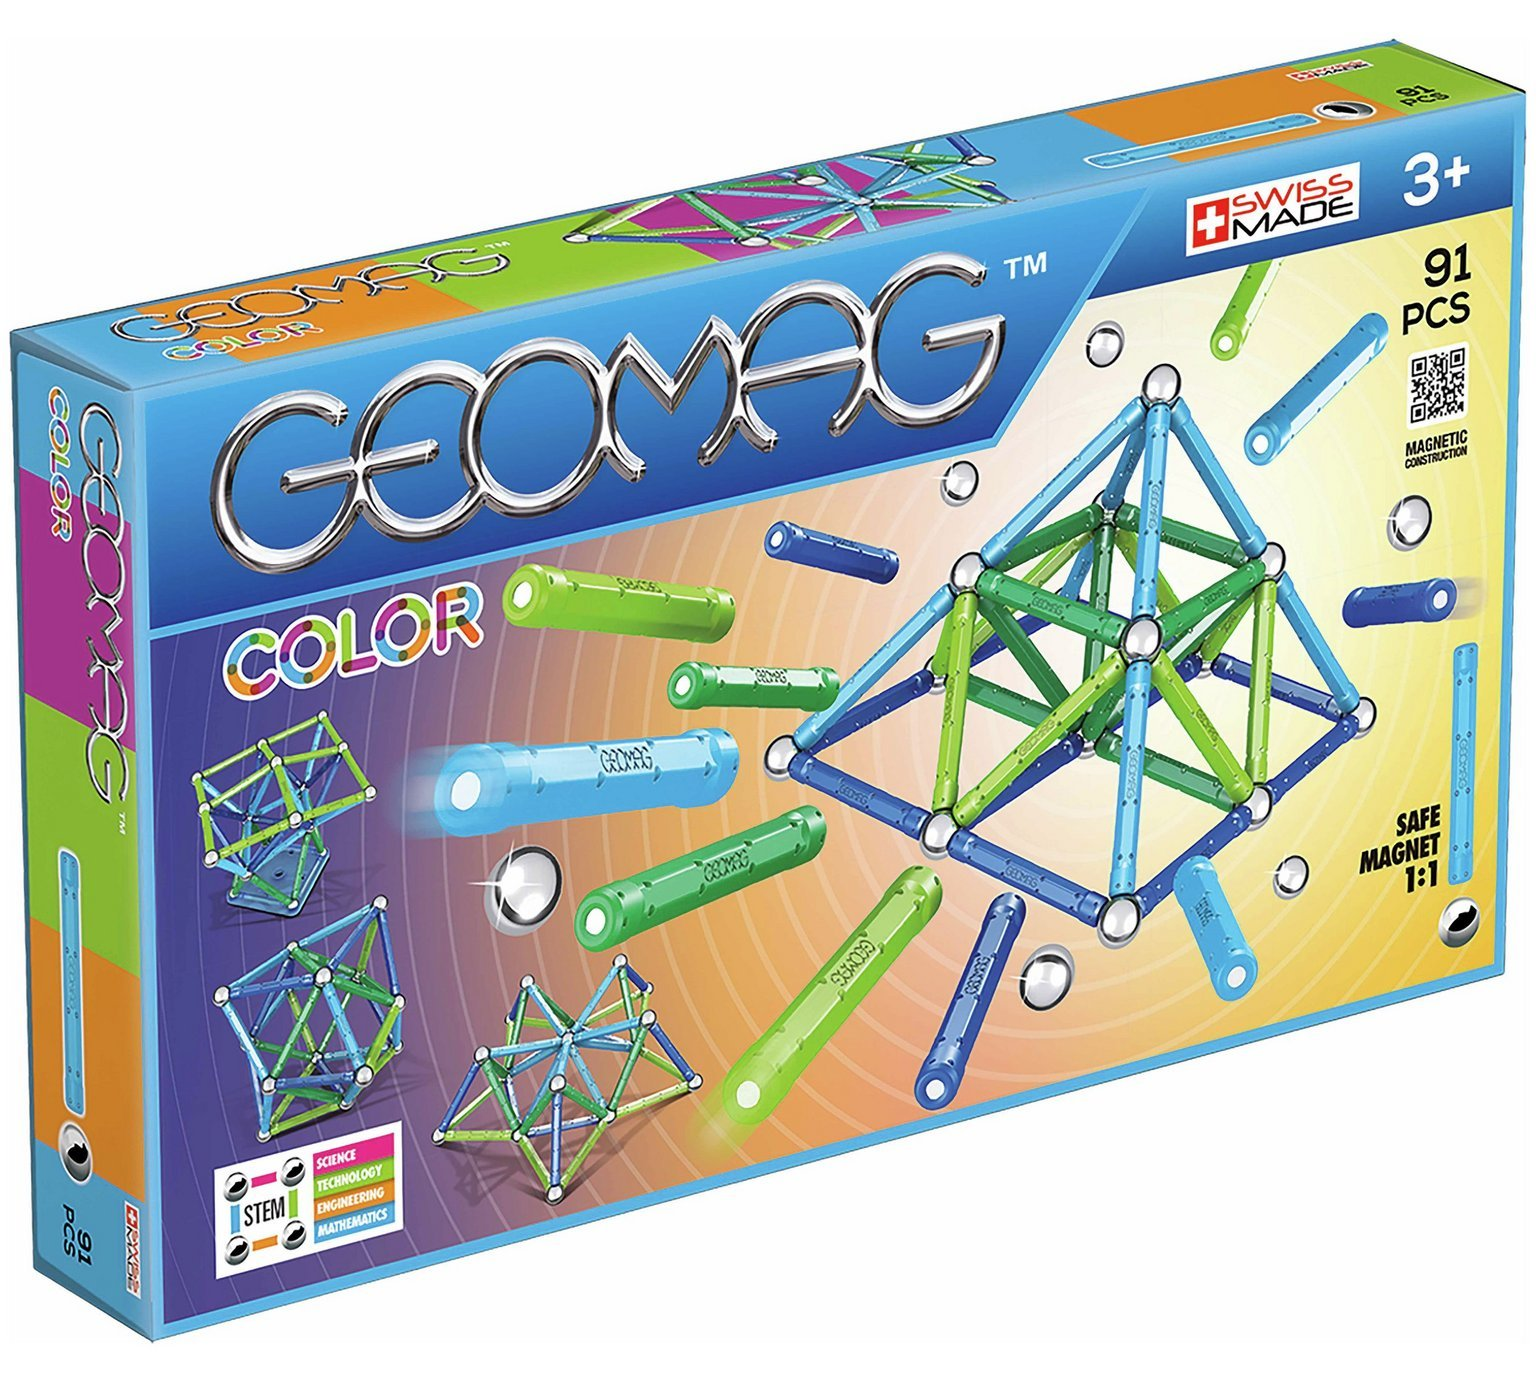 Geomag - Color - 91 pcs (263)